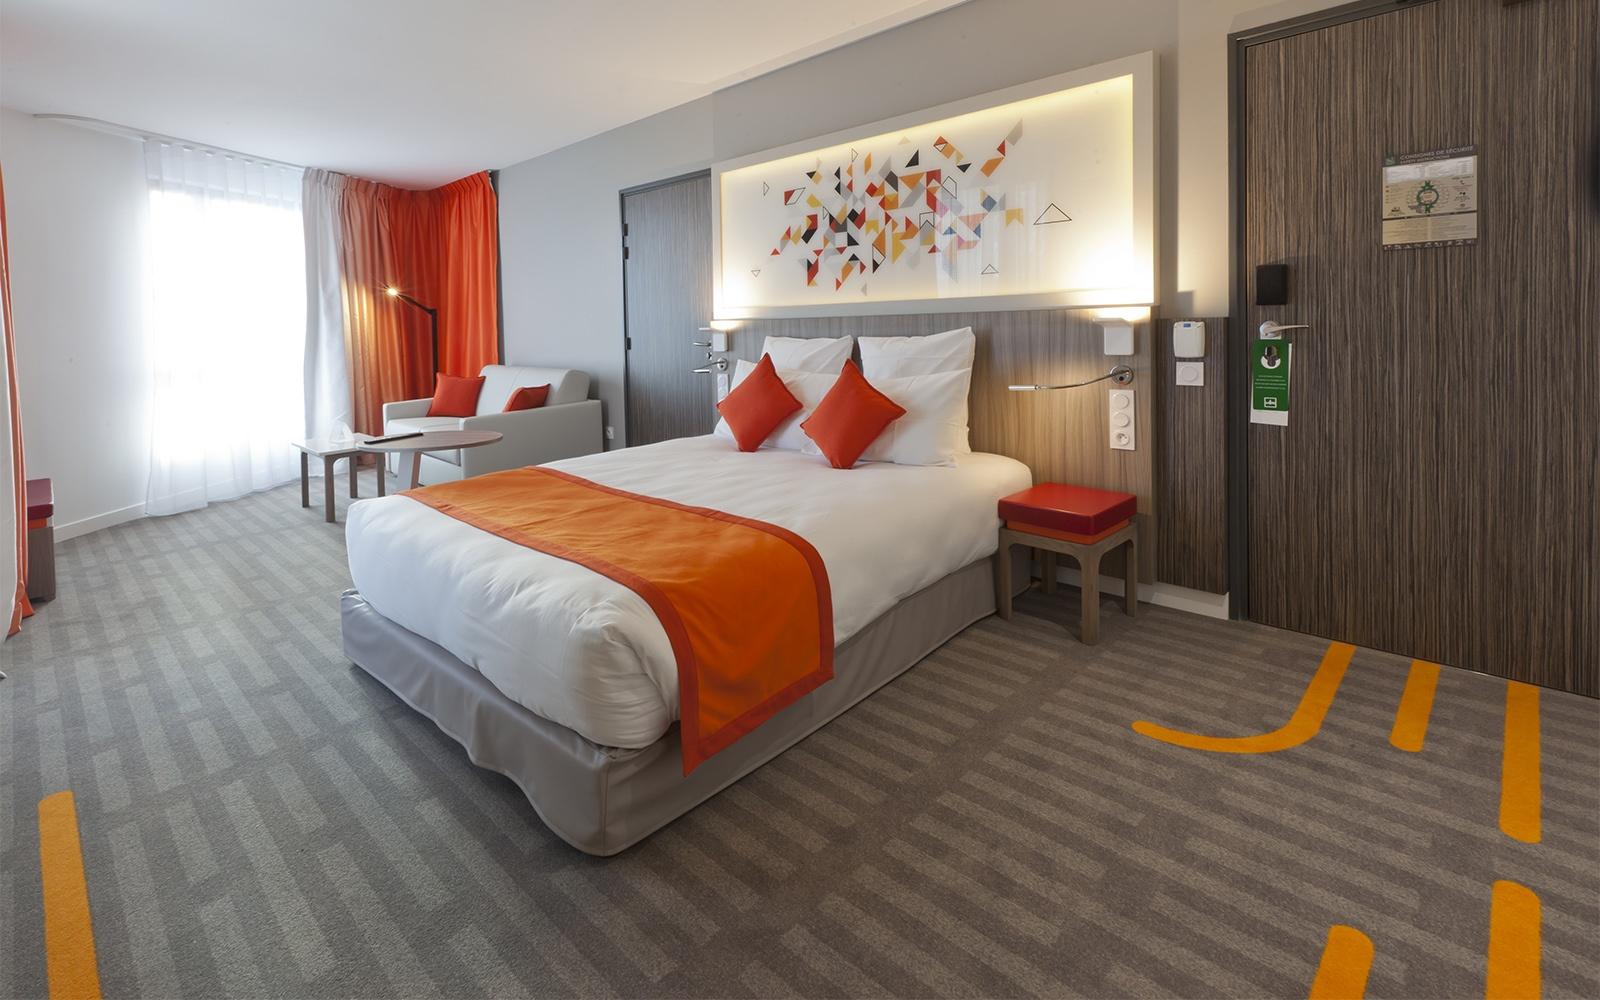 Hotelteppich: Geschwungenen Linien auf dem Teppichboden ziehen sich bis in die Hotelzimmer und verbinden die Hotelzimmer-Gestaltung mit dem Design des gesamten Hotels